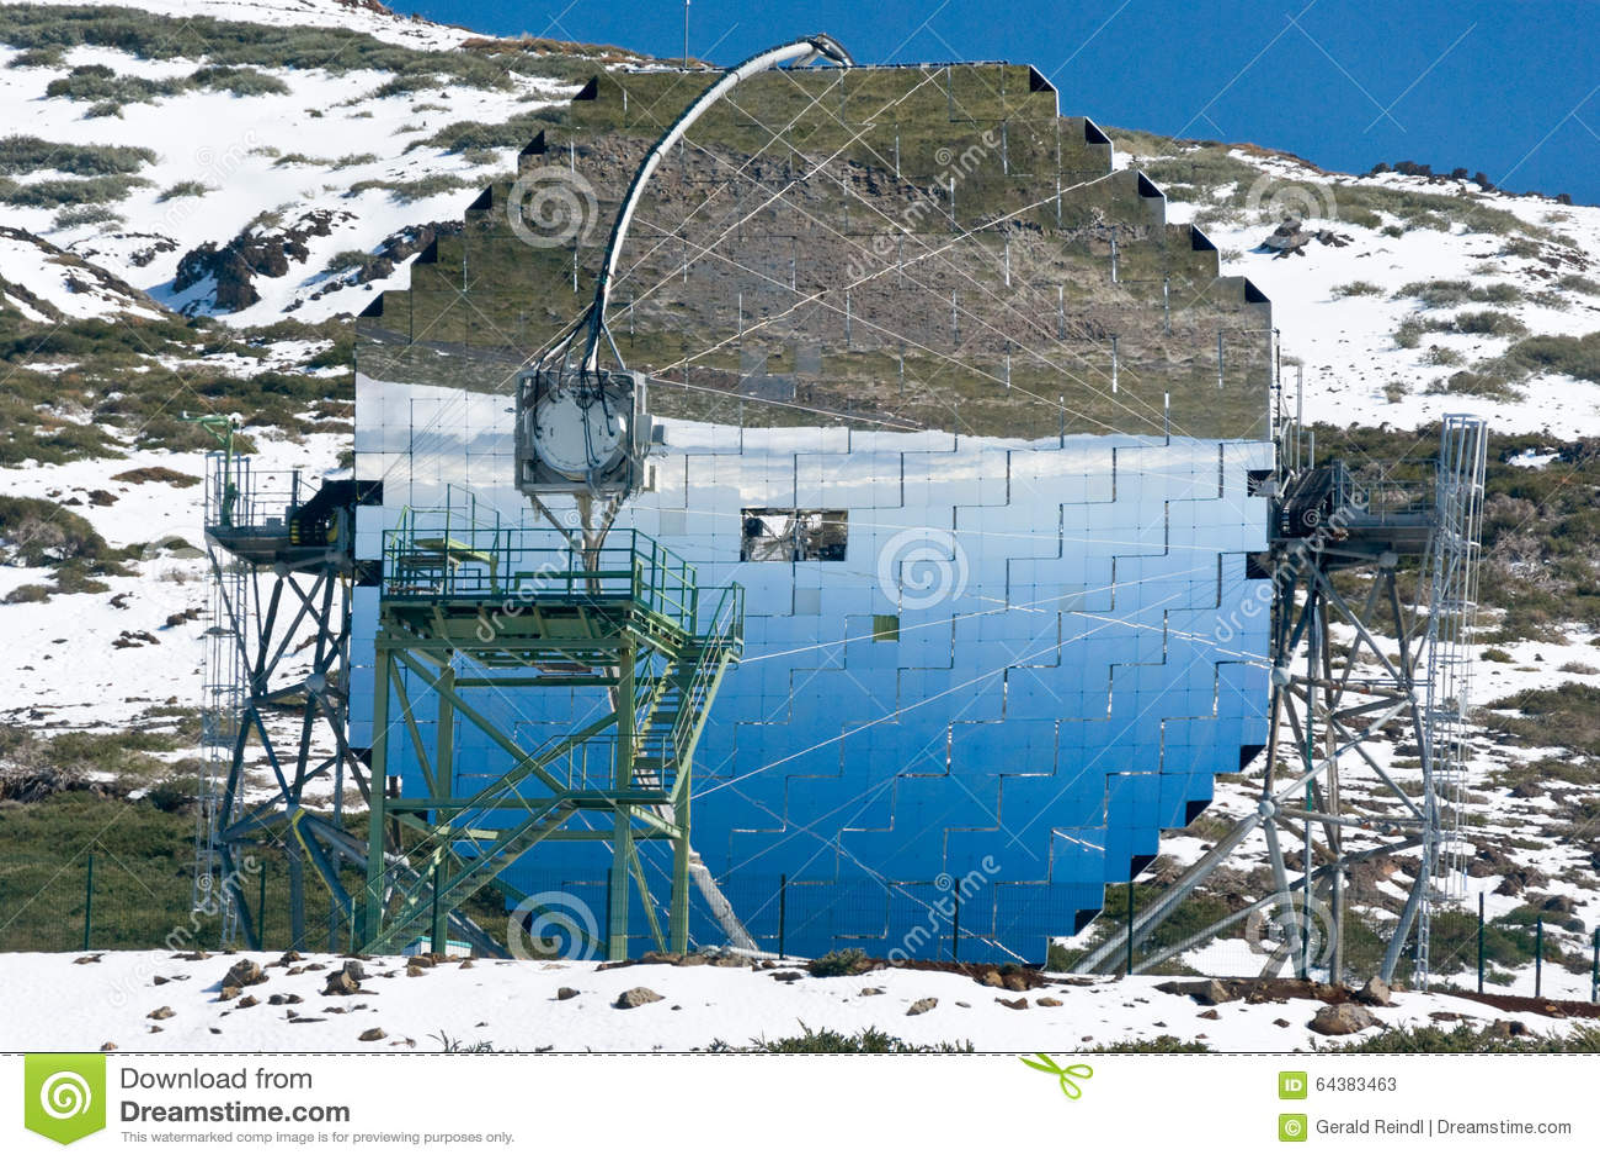 Modernes wissenschaftliches astronomisches observatorium teleskop